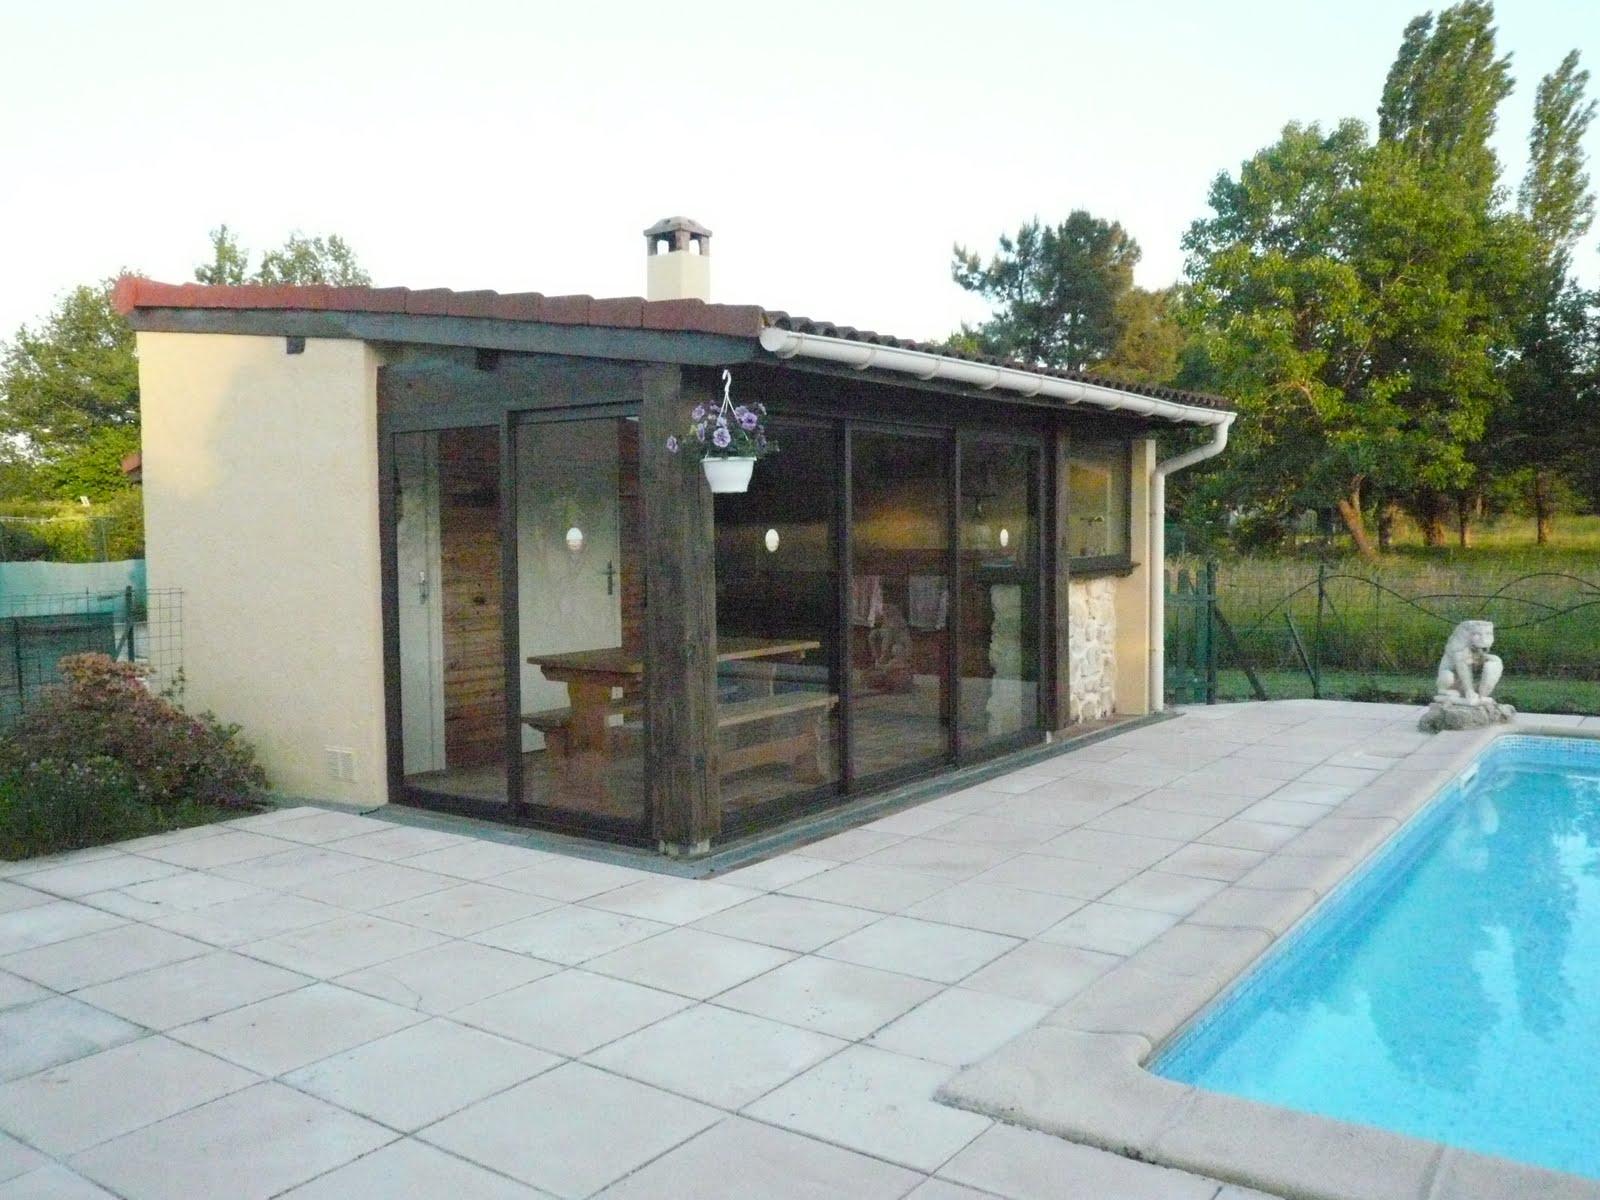 A vendre la maison ensoleill e terrasse pool house et - Photos pool house piscine ...